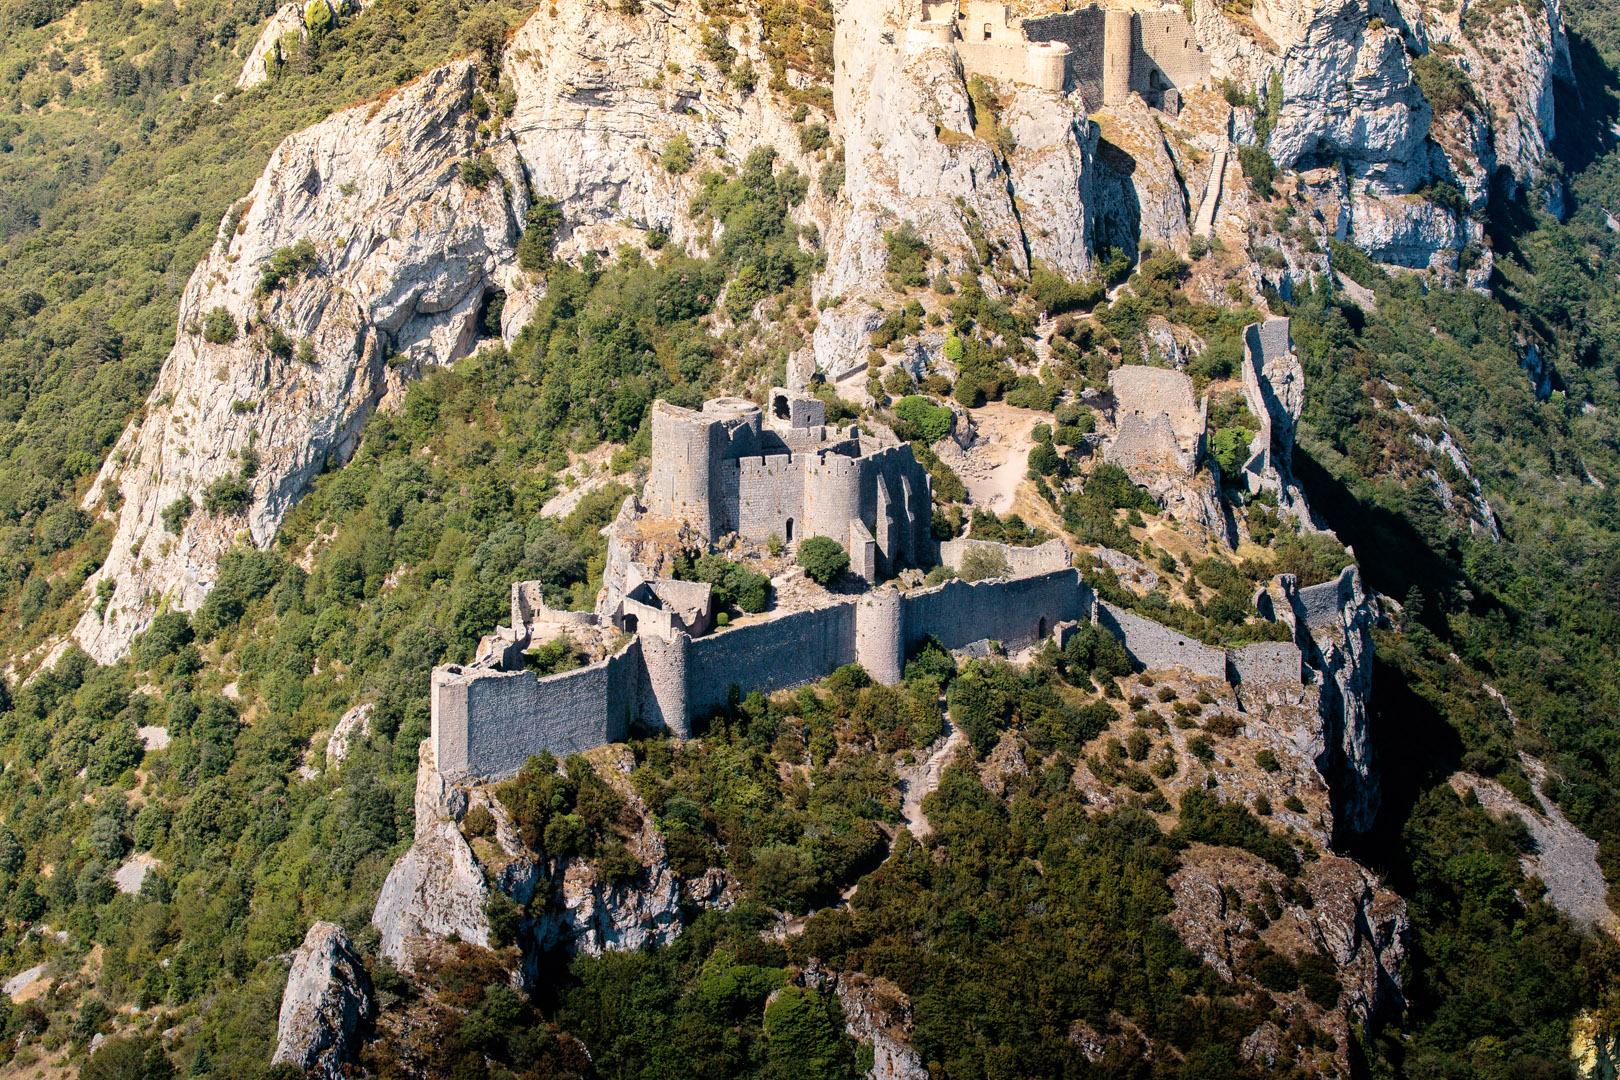 Le château de Peyrepertuse se trouve sur la commune de Duilhac-sous-Peyrepertuse.